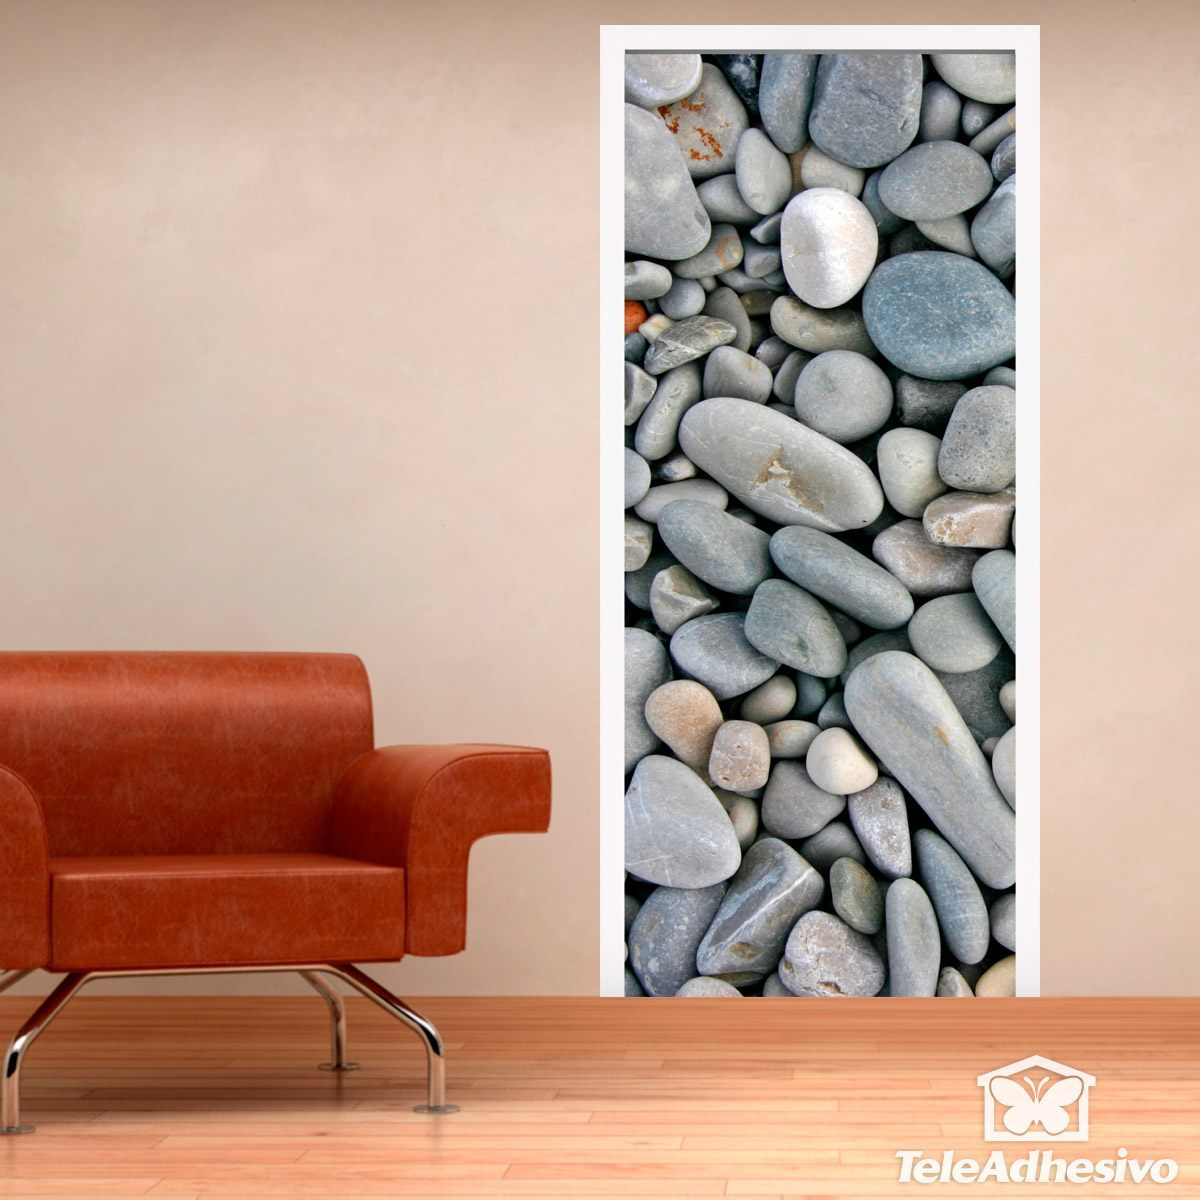 Wandtattoos: Tür abgerundete Steine